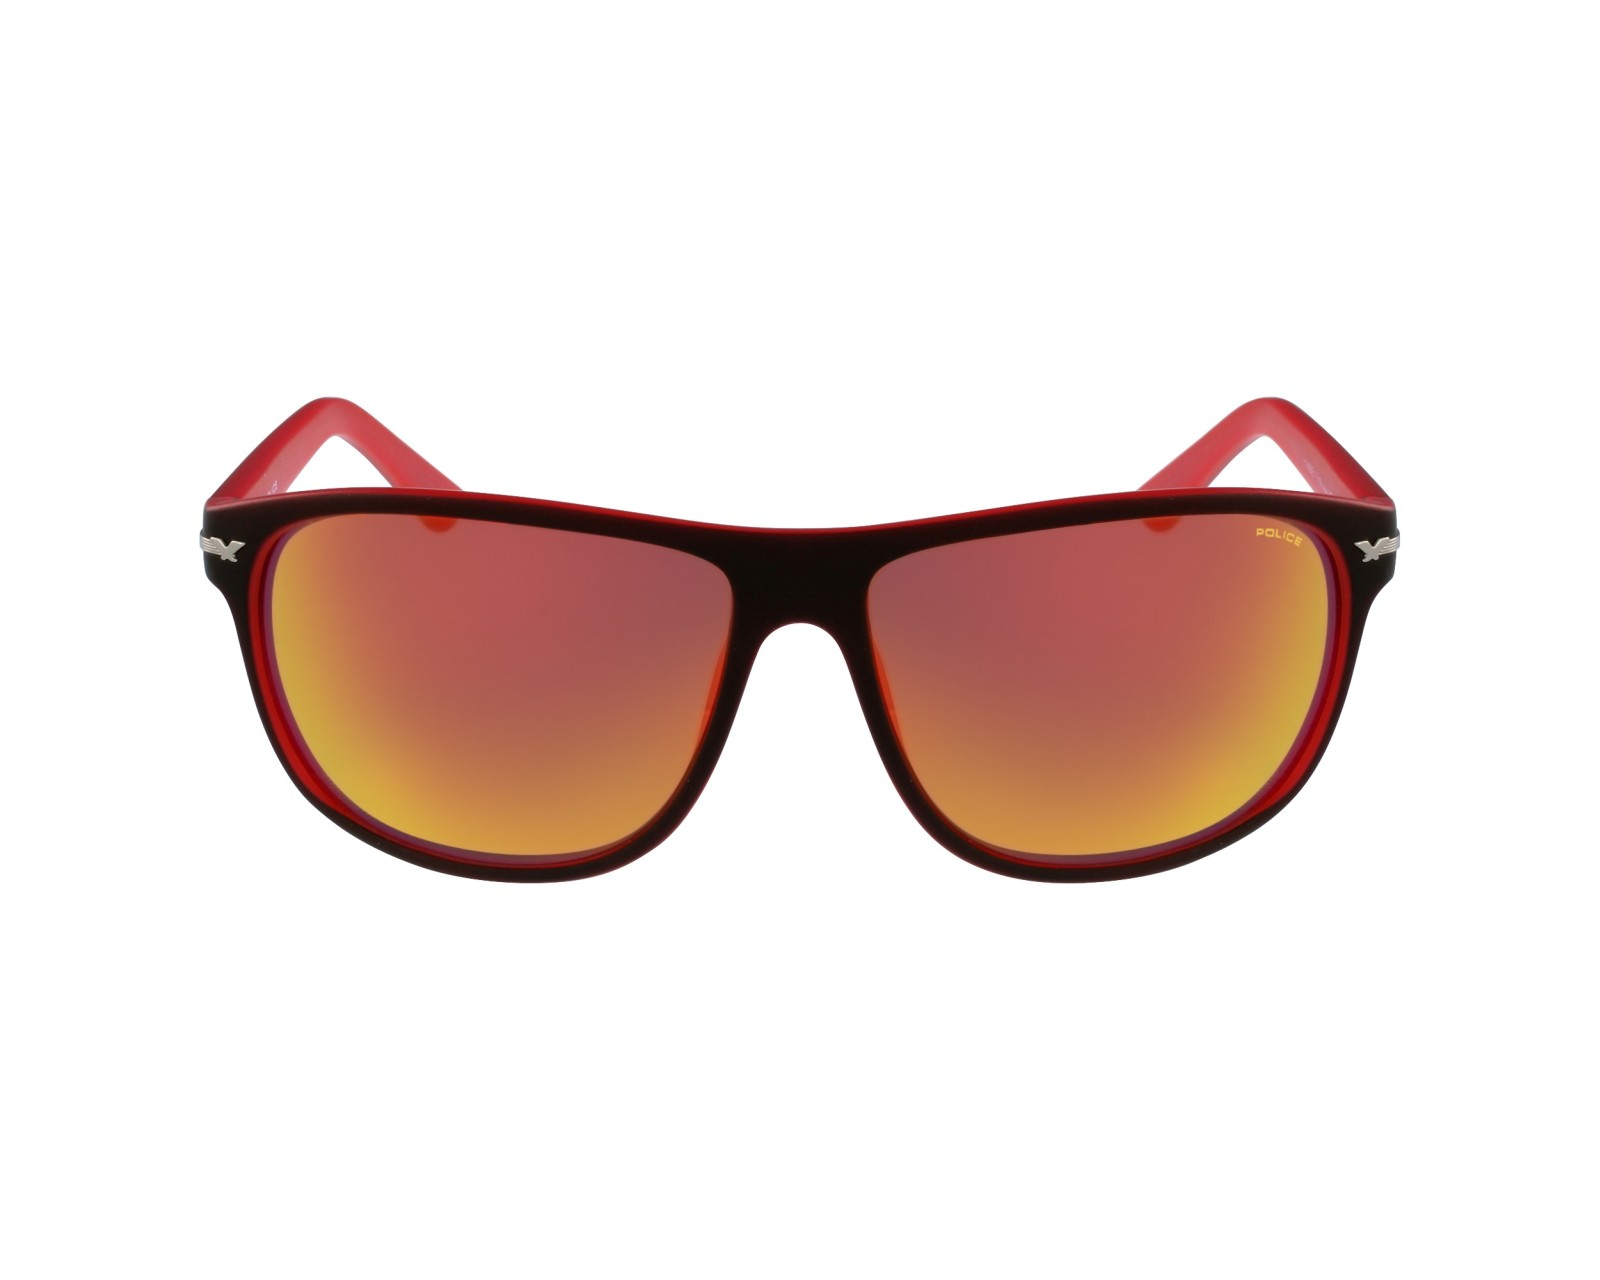 lunettes de soleil police s 1958 nvbr noir avec des verres gris vert pour hommes. Black Bedroom Furniture Sets. Home Design Ideas